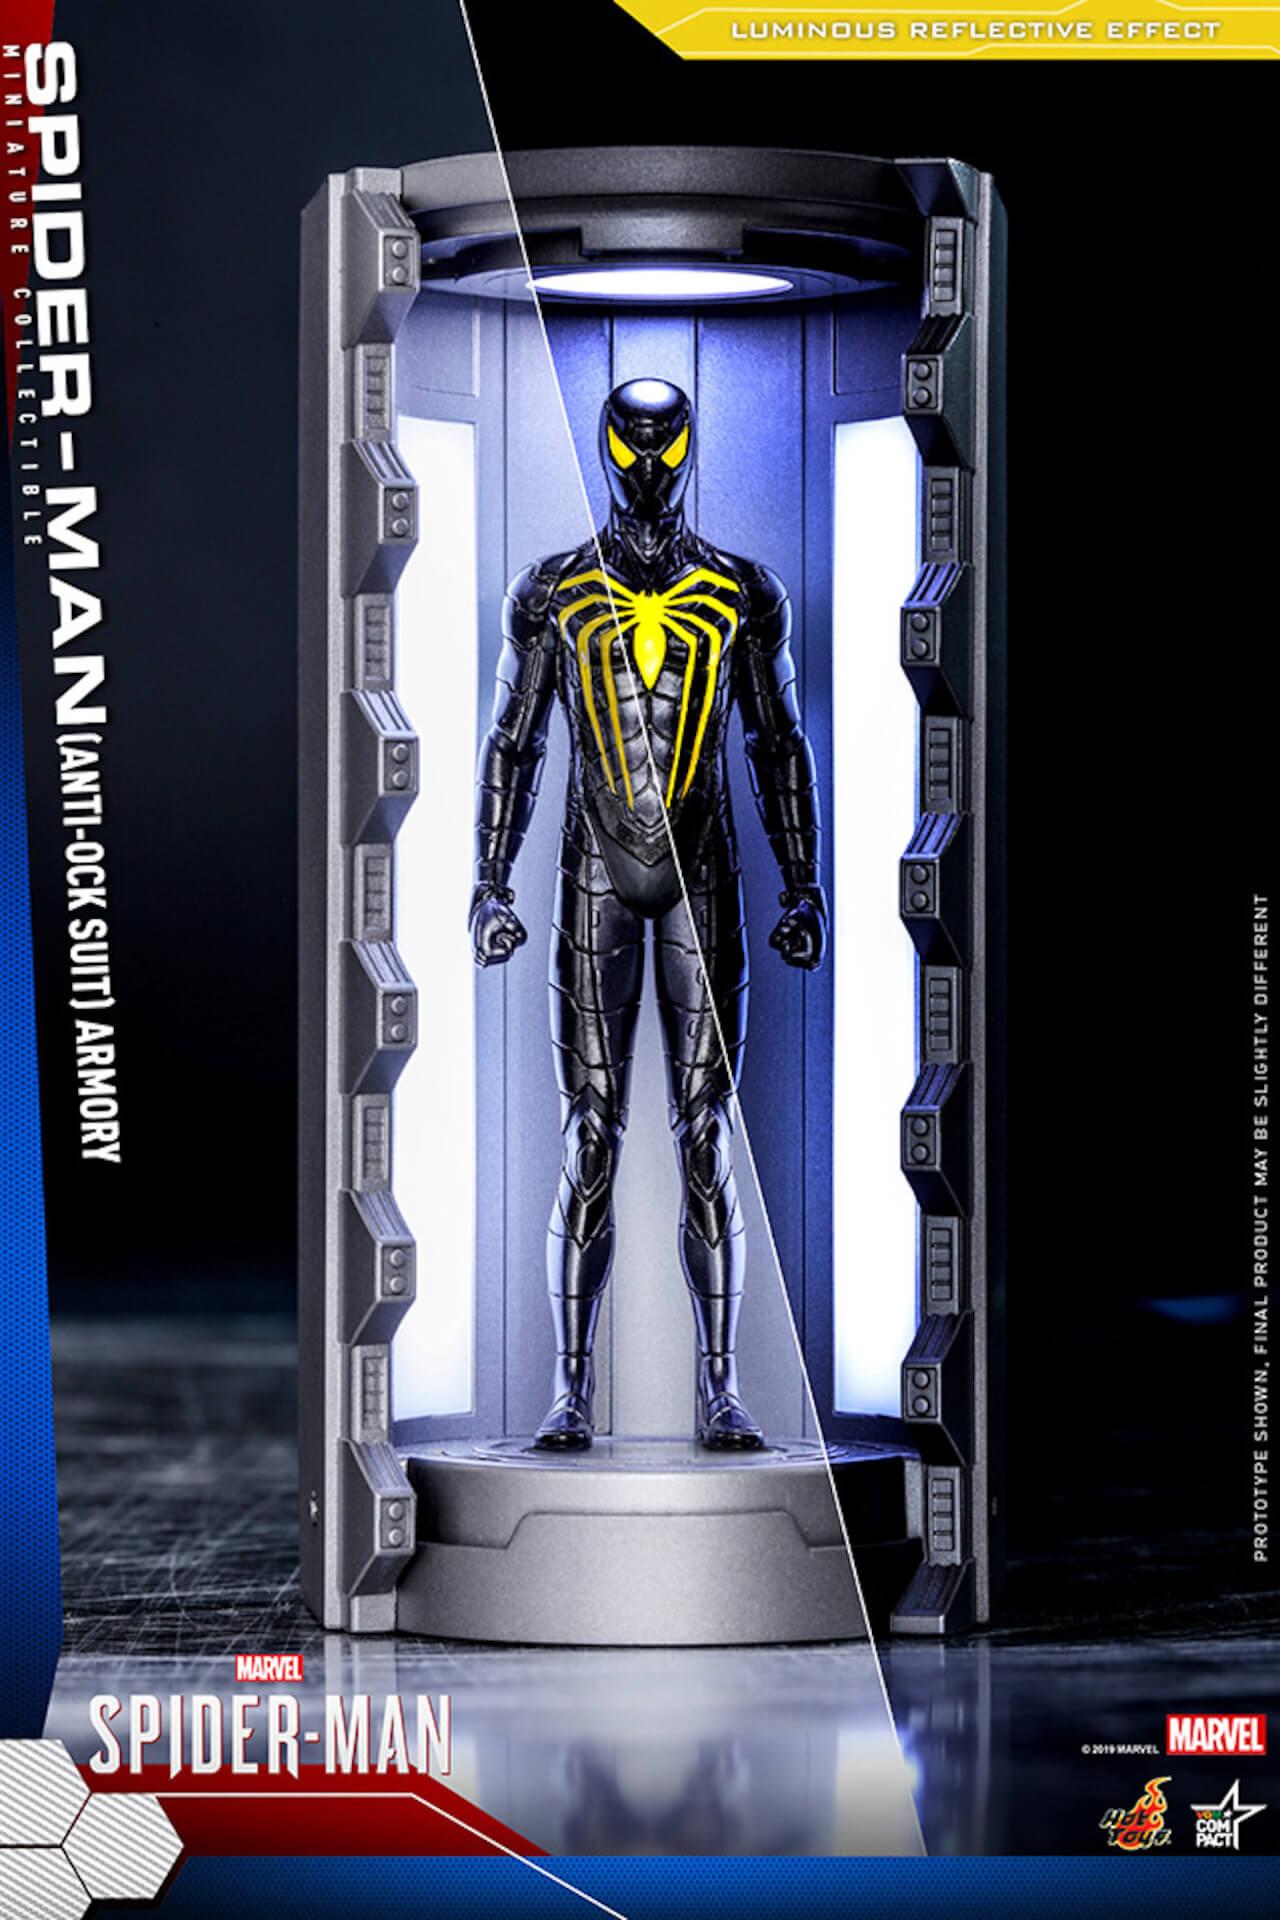 6つのスパイダーマン・スーツが勢ぞろい!大人気PS4用ゲームソフト『Marvel's Spider-Man』からミニチュア・フィギュアが登場 art200124_spiderman_hottoys_2